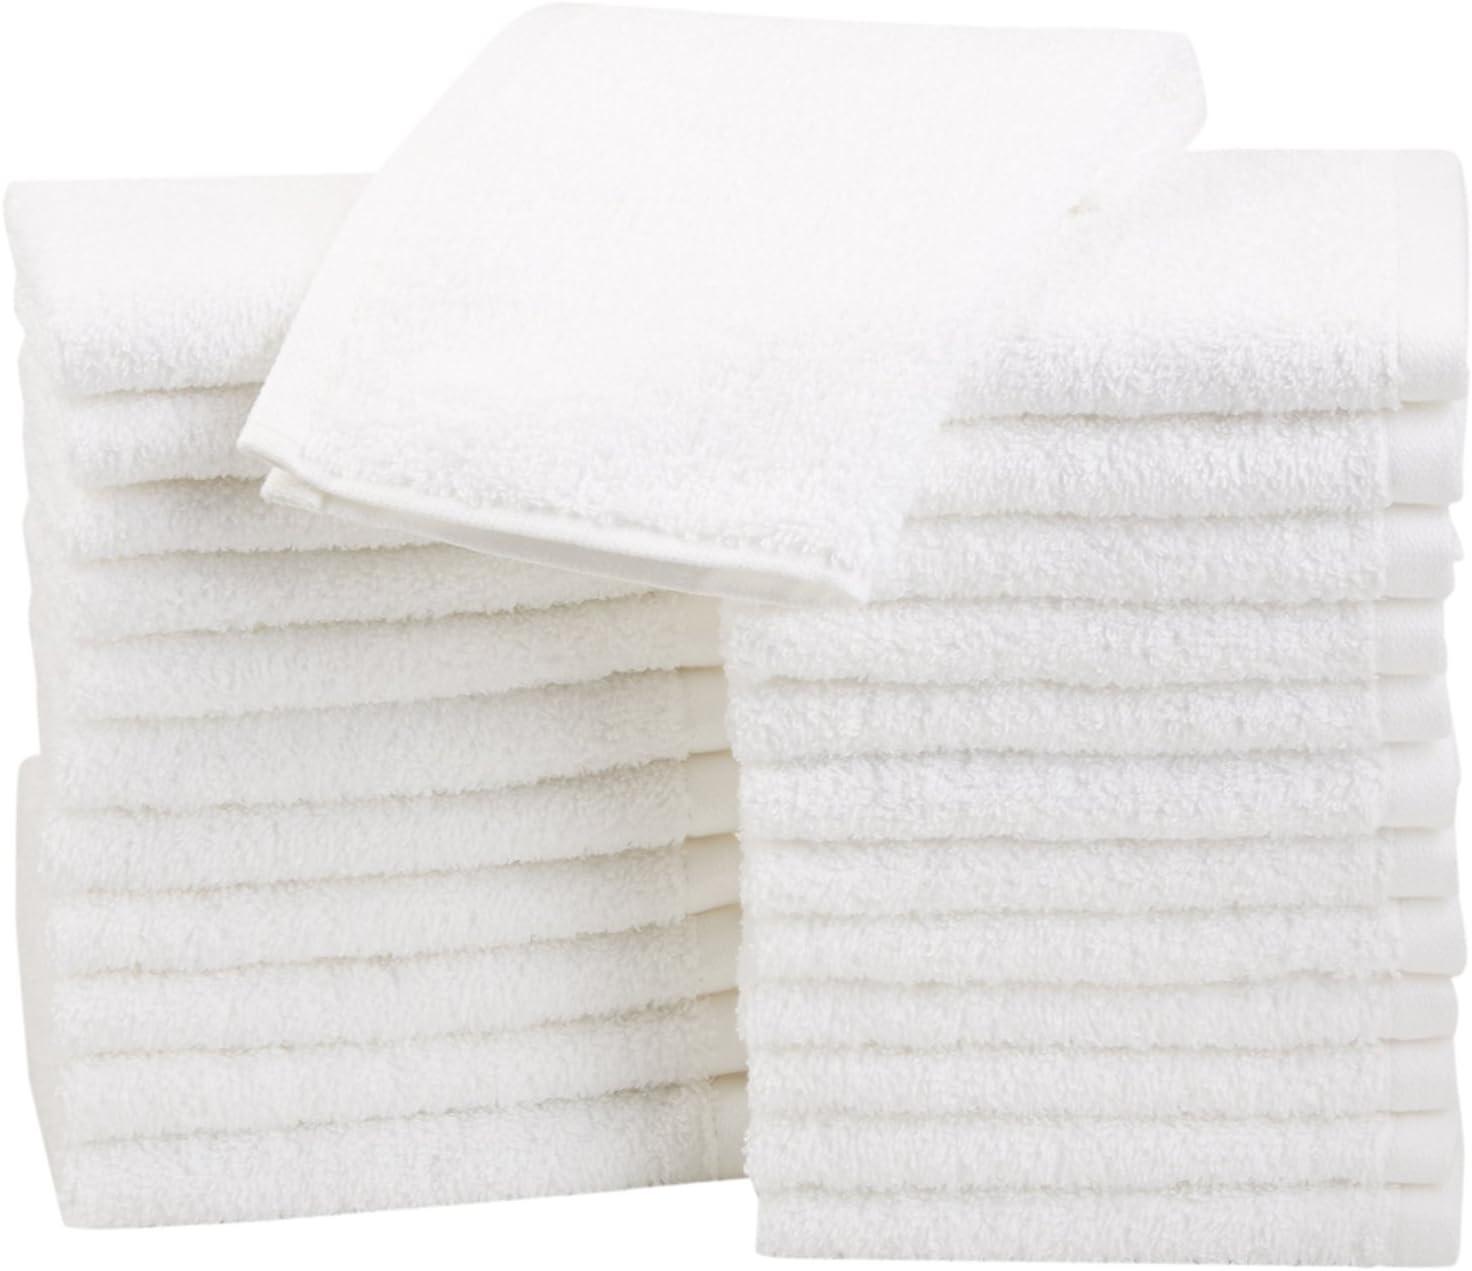 8 ospite asciugamani 30x50 cm 500gr 30 x 50 cm m/² di cotone egiziano White Hotel